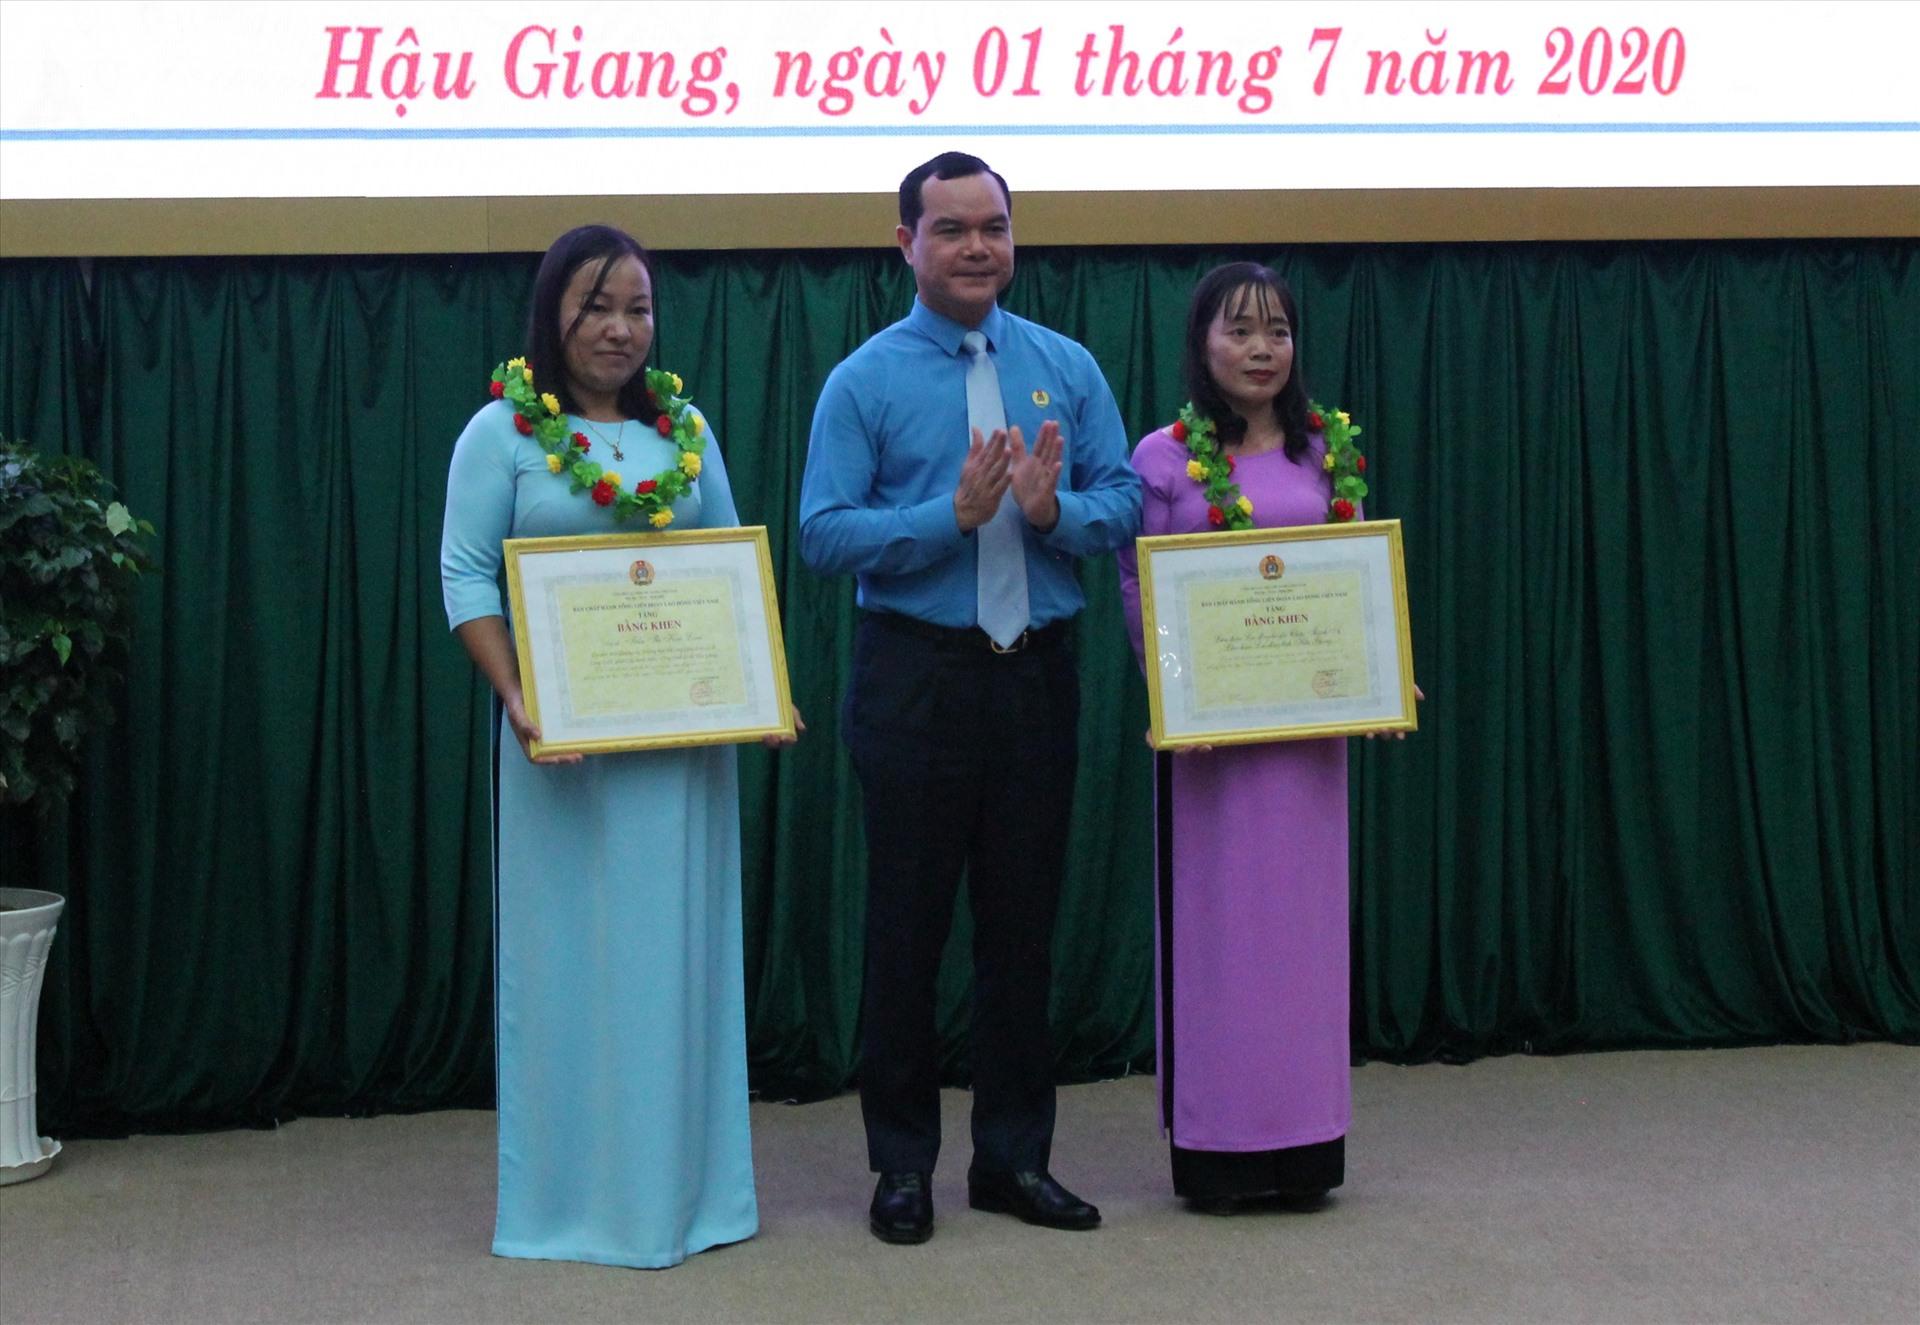 Chủ tịch Tổng LĐLĐ Việt Nam Nguyễn Đình Khang chúc mừng và trao bằng khen cho cá nhân và tập thể có thành tích xuất sắc. Ảnh: Thành Nhân